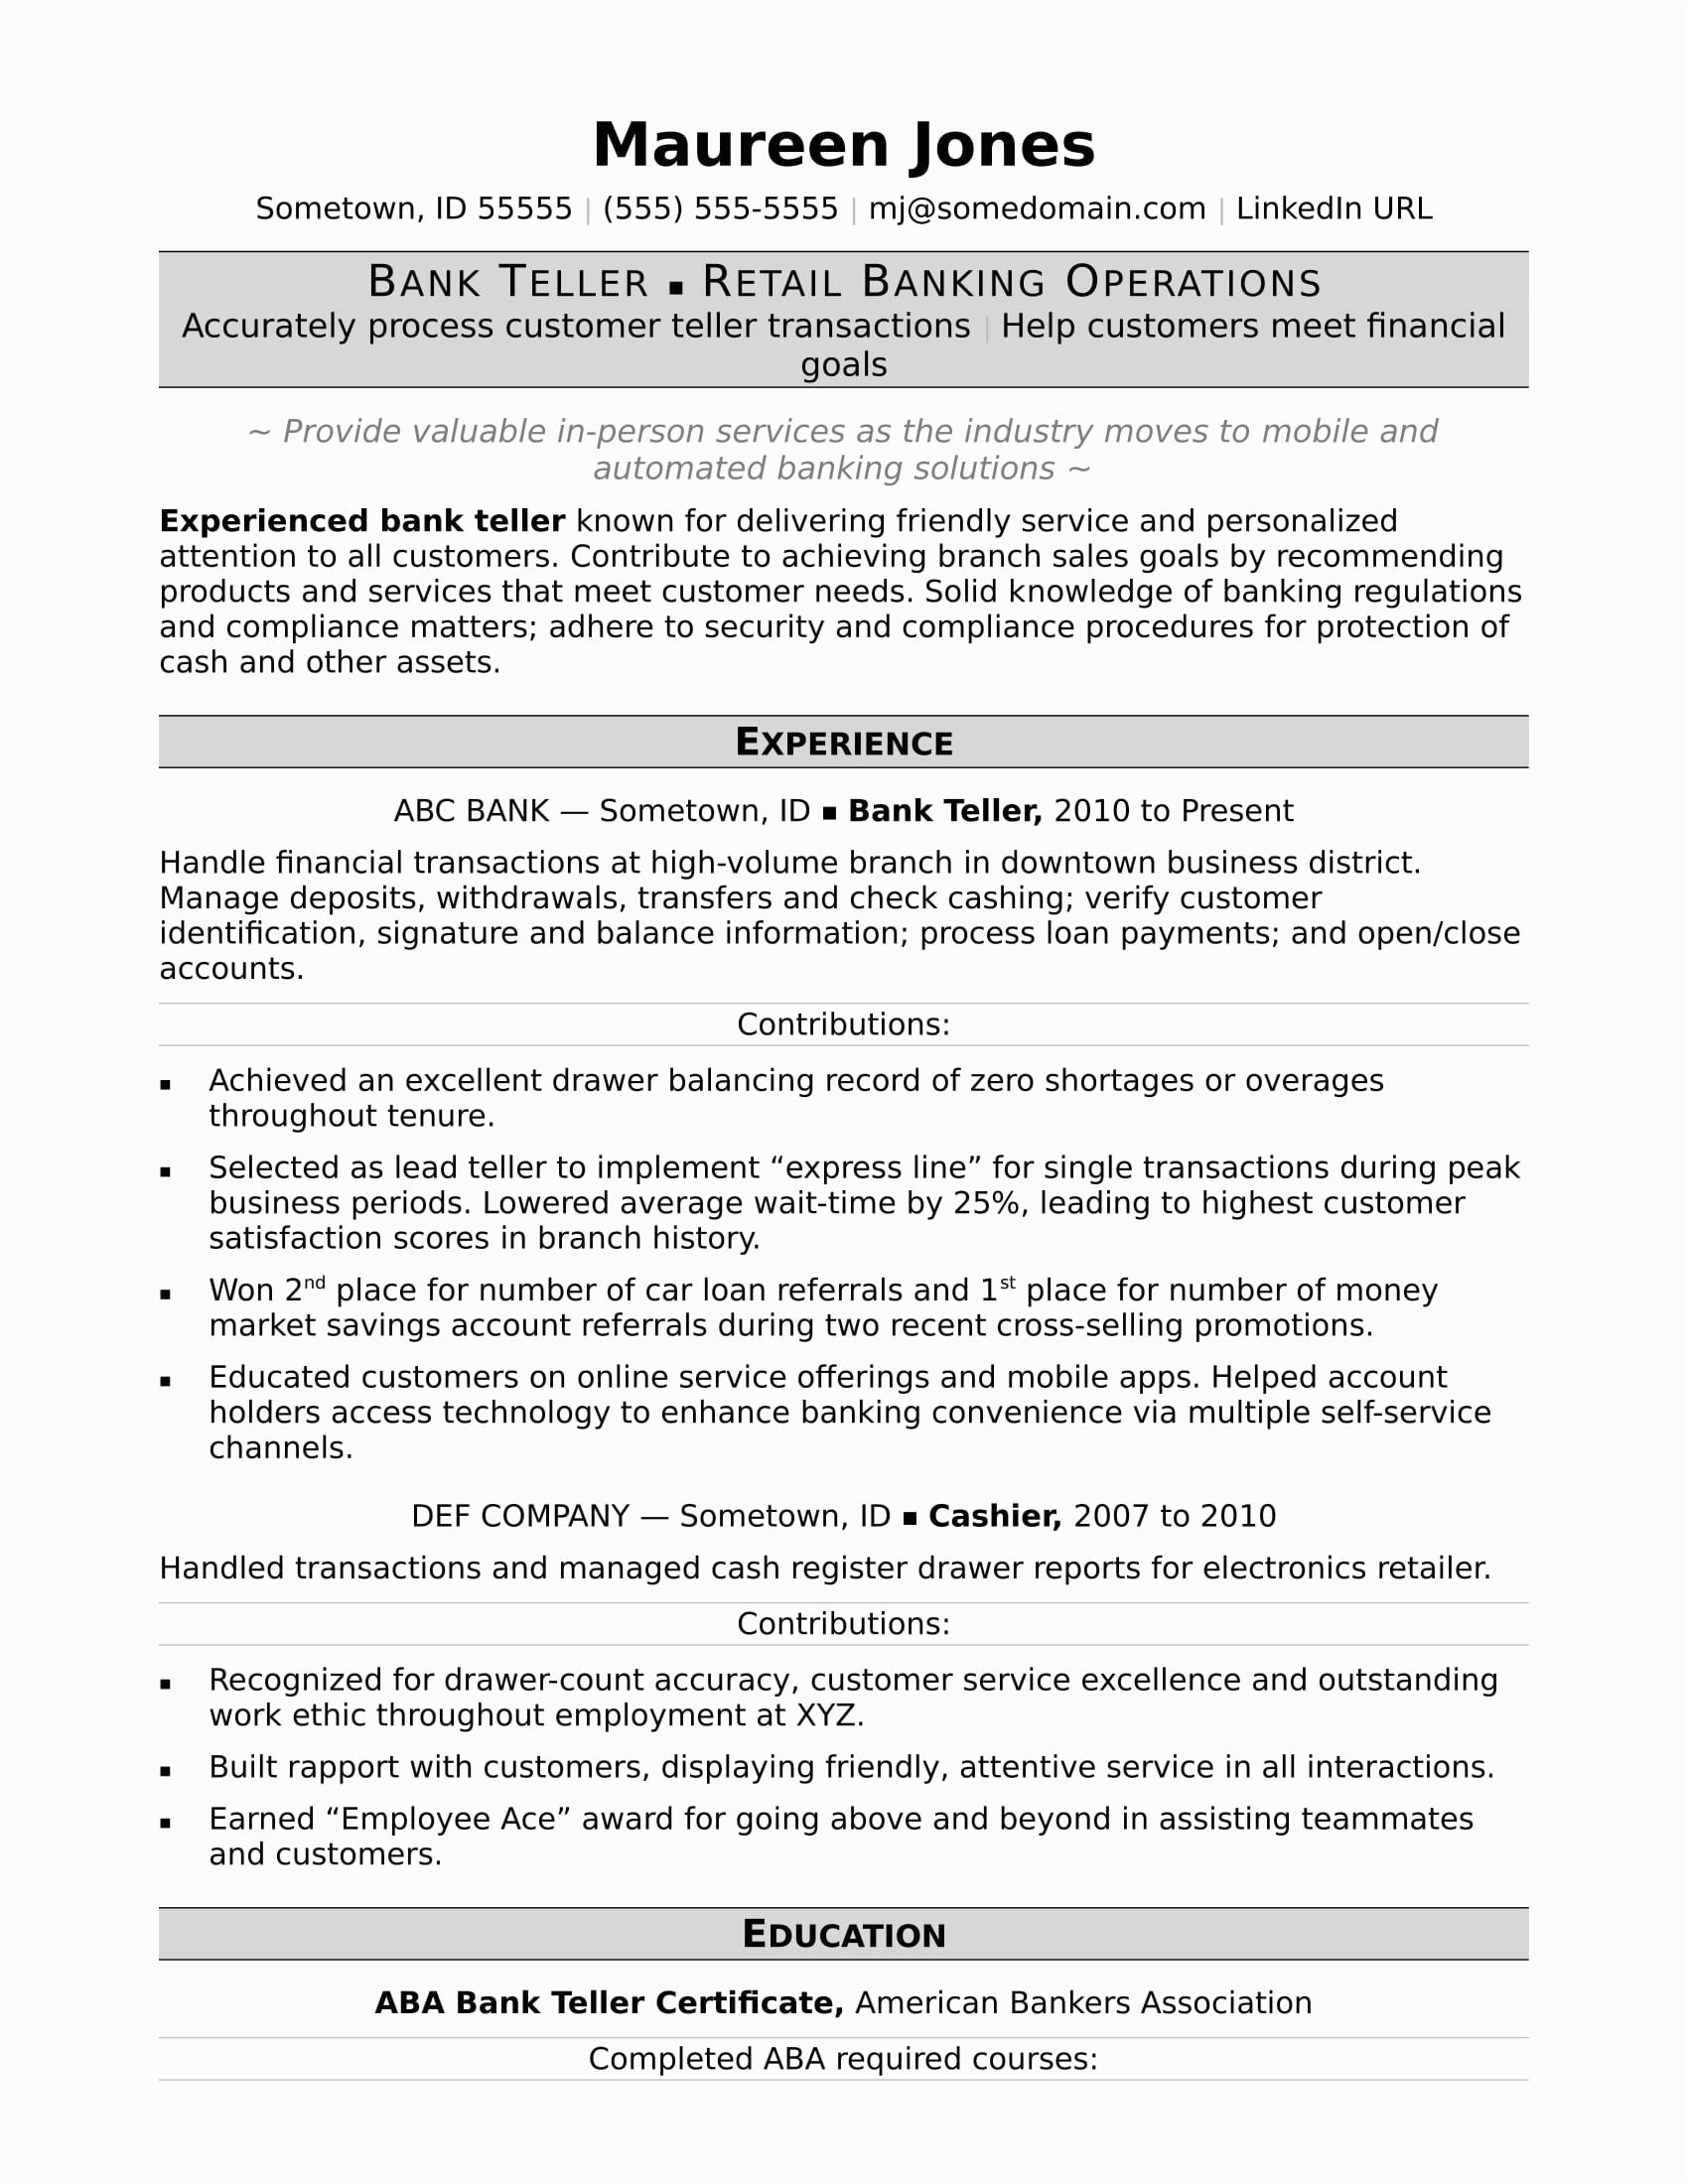 Sample Resumes for Bank Teller Positions Bank Teller Resume Sample